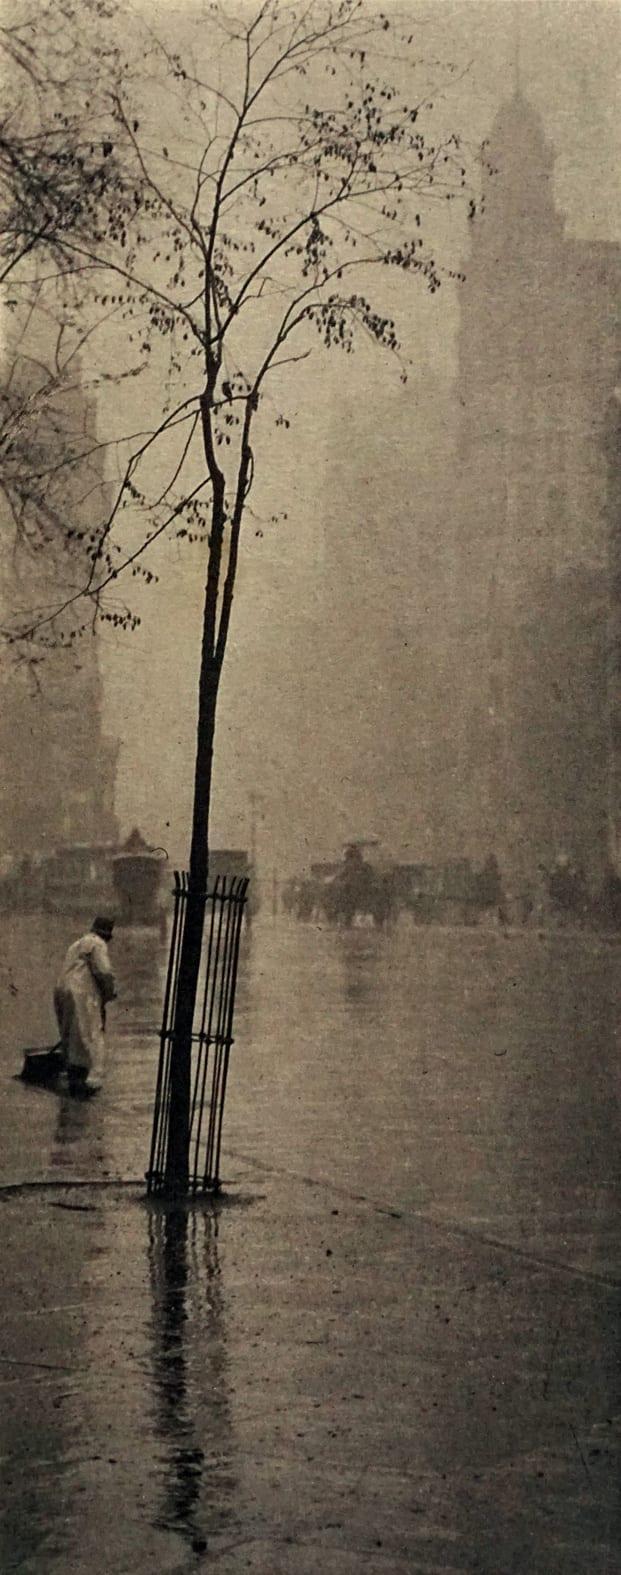 قدرت عکاسی: آلفرد استیگلیتس، باران بهاری